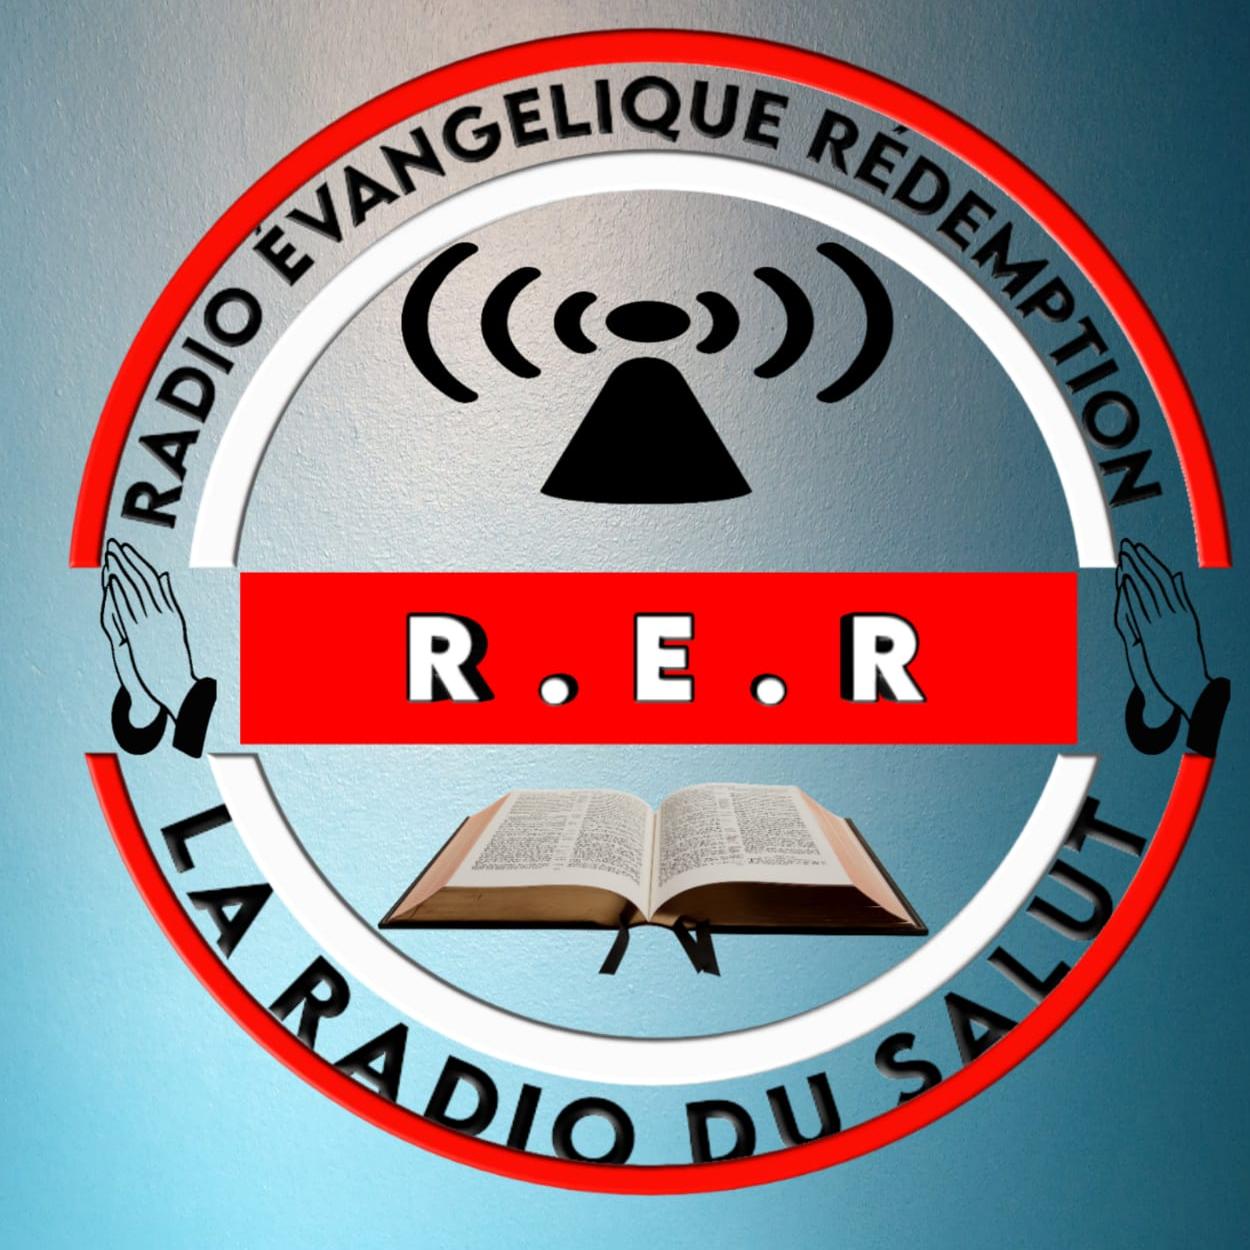 Radio Évangélique la Rédemption